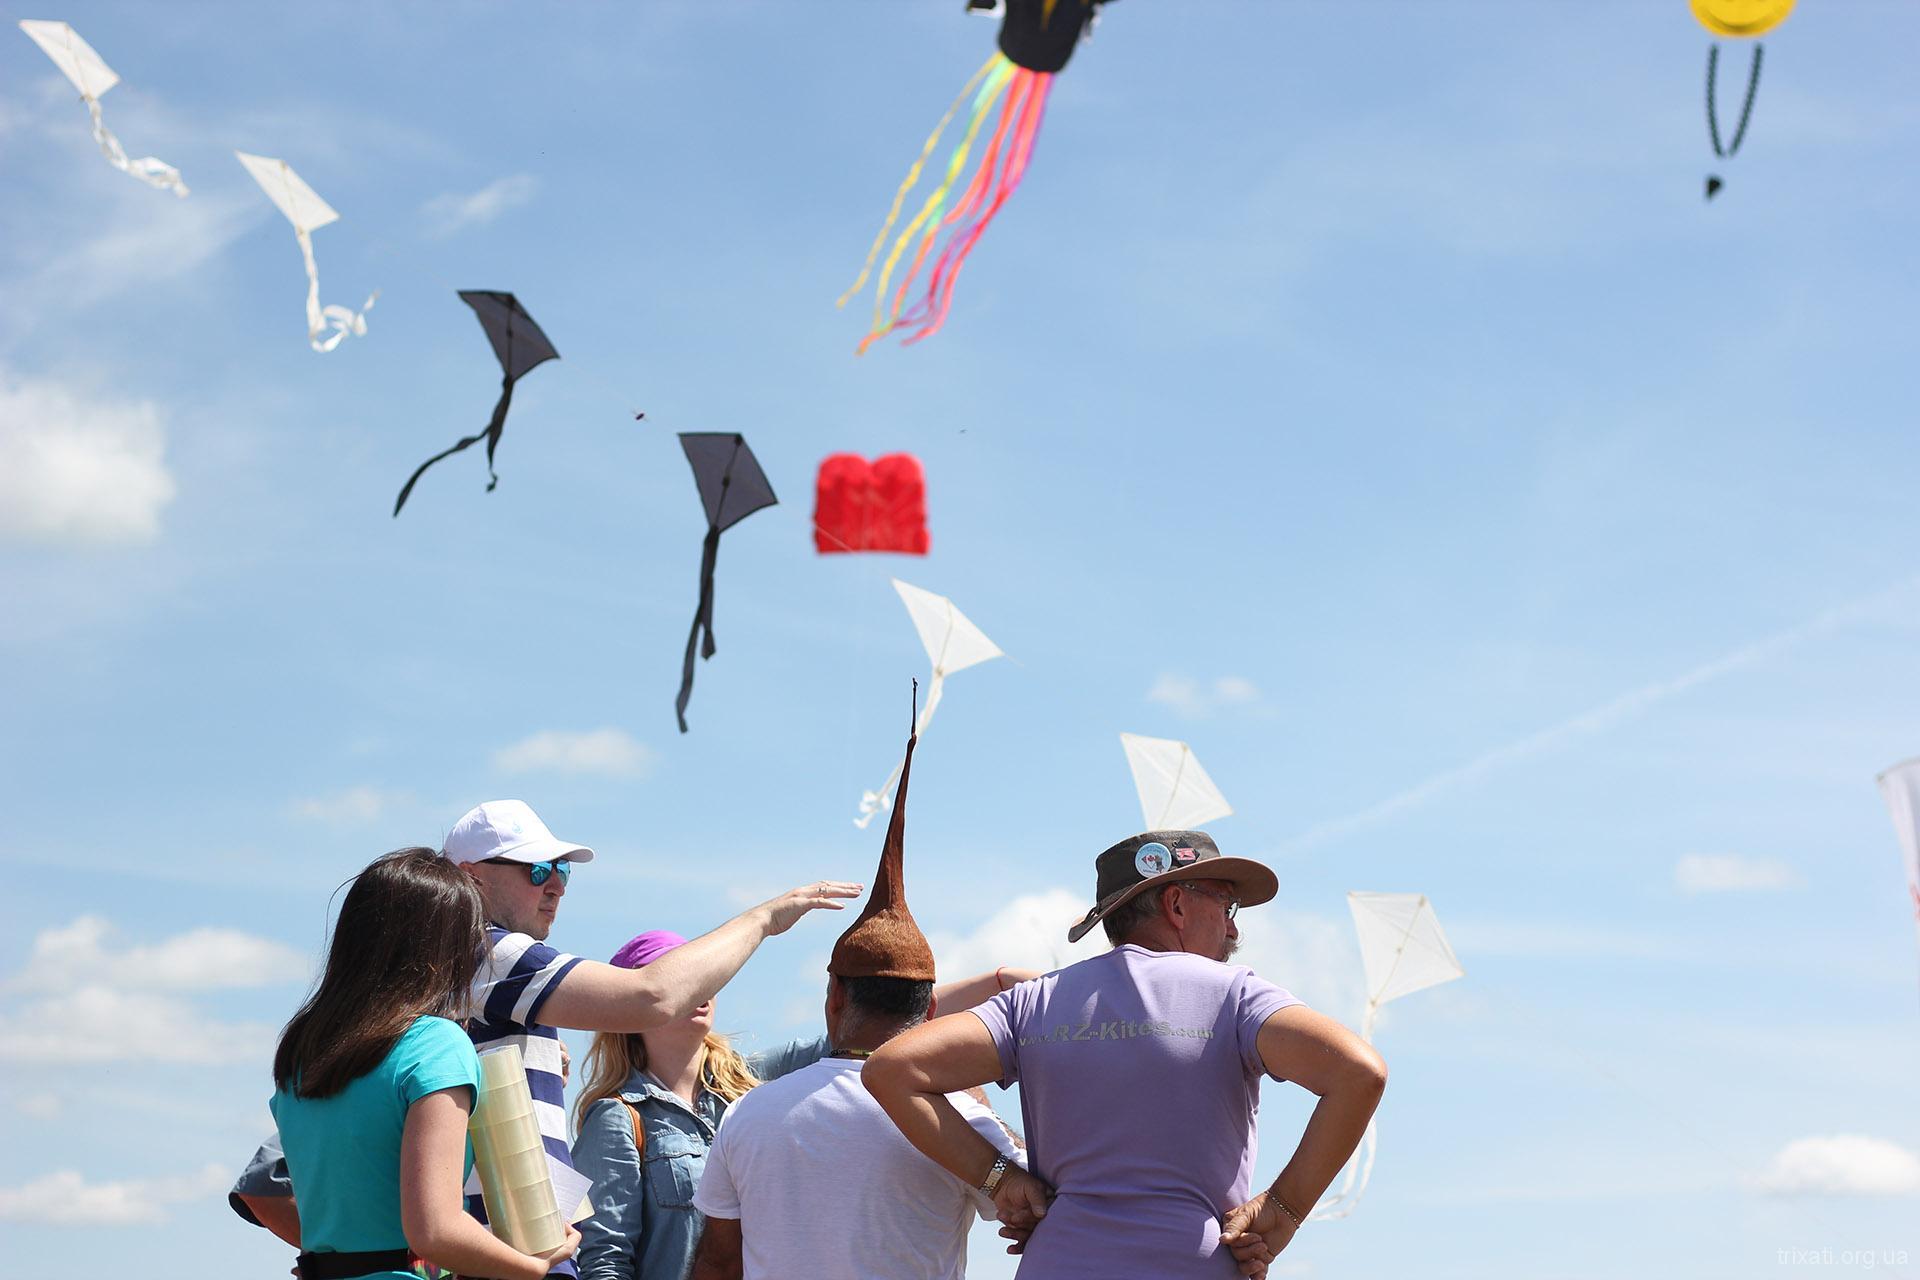 Підсумки фестивалю Tryhutty Kite Fest 2018